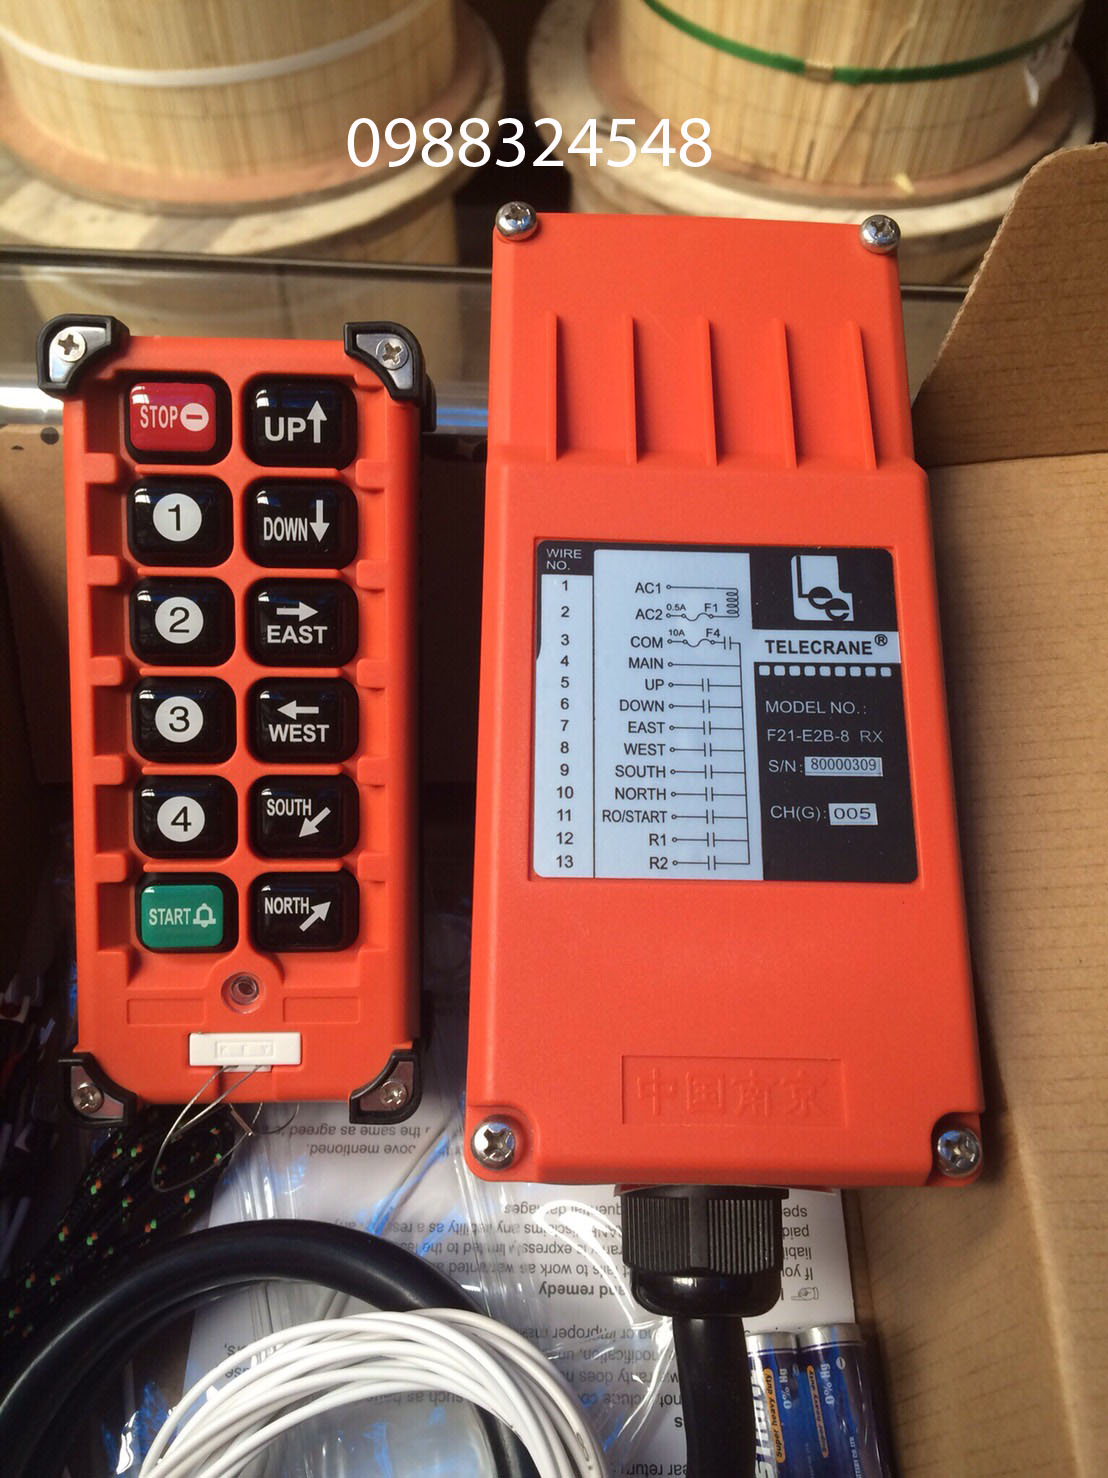 Điều khiển từ xa Telecrane F21-E2B-8 RX